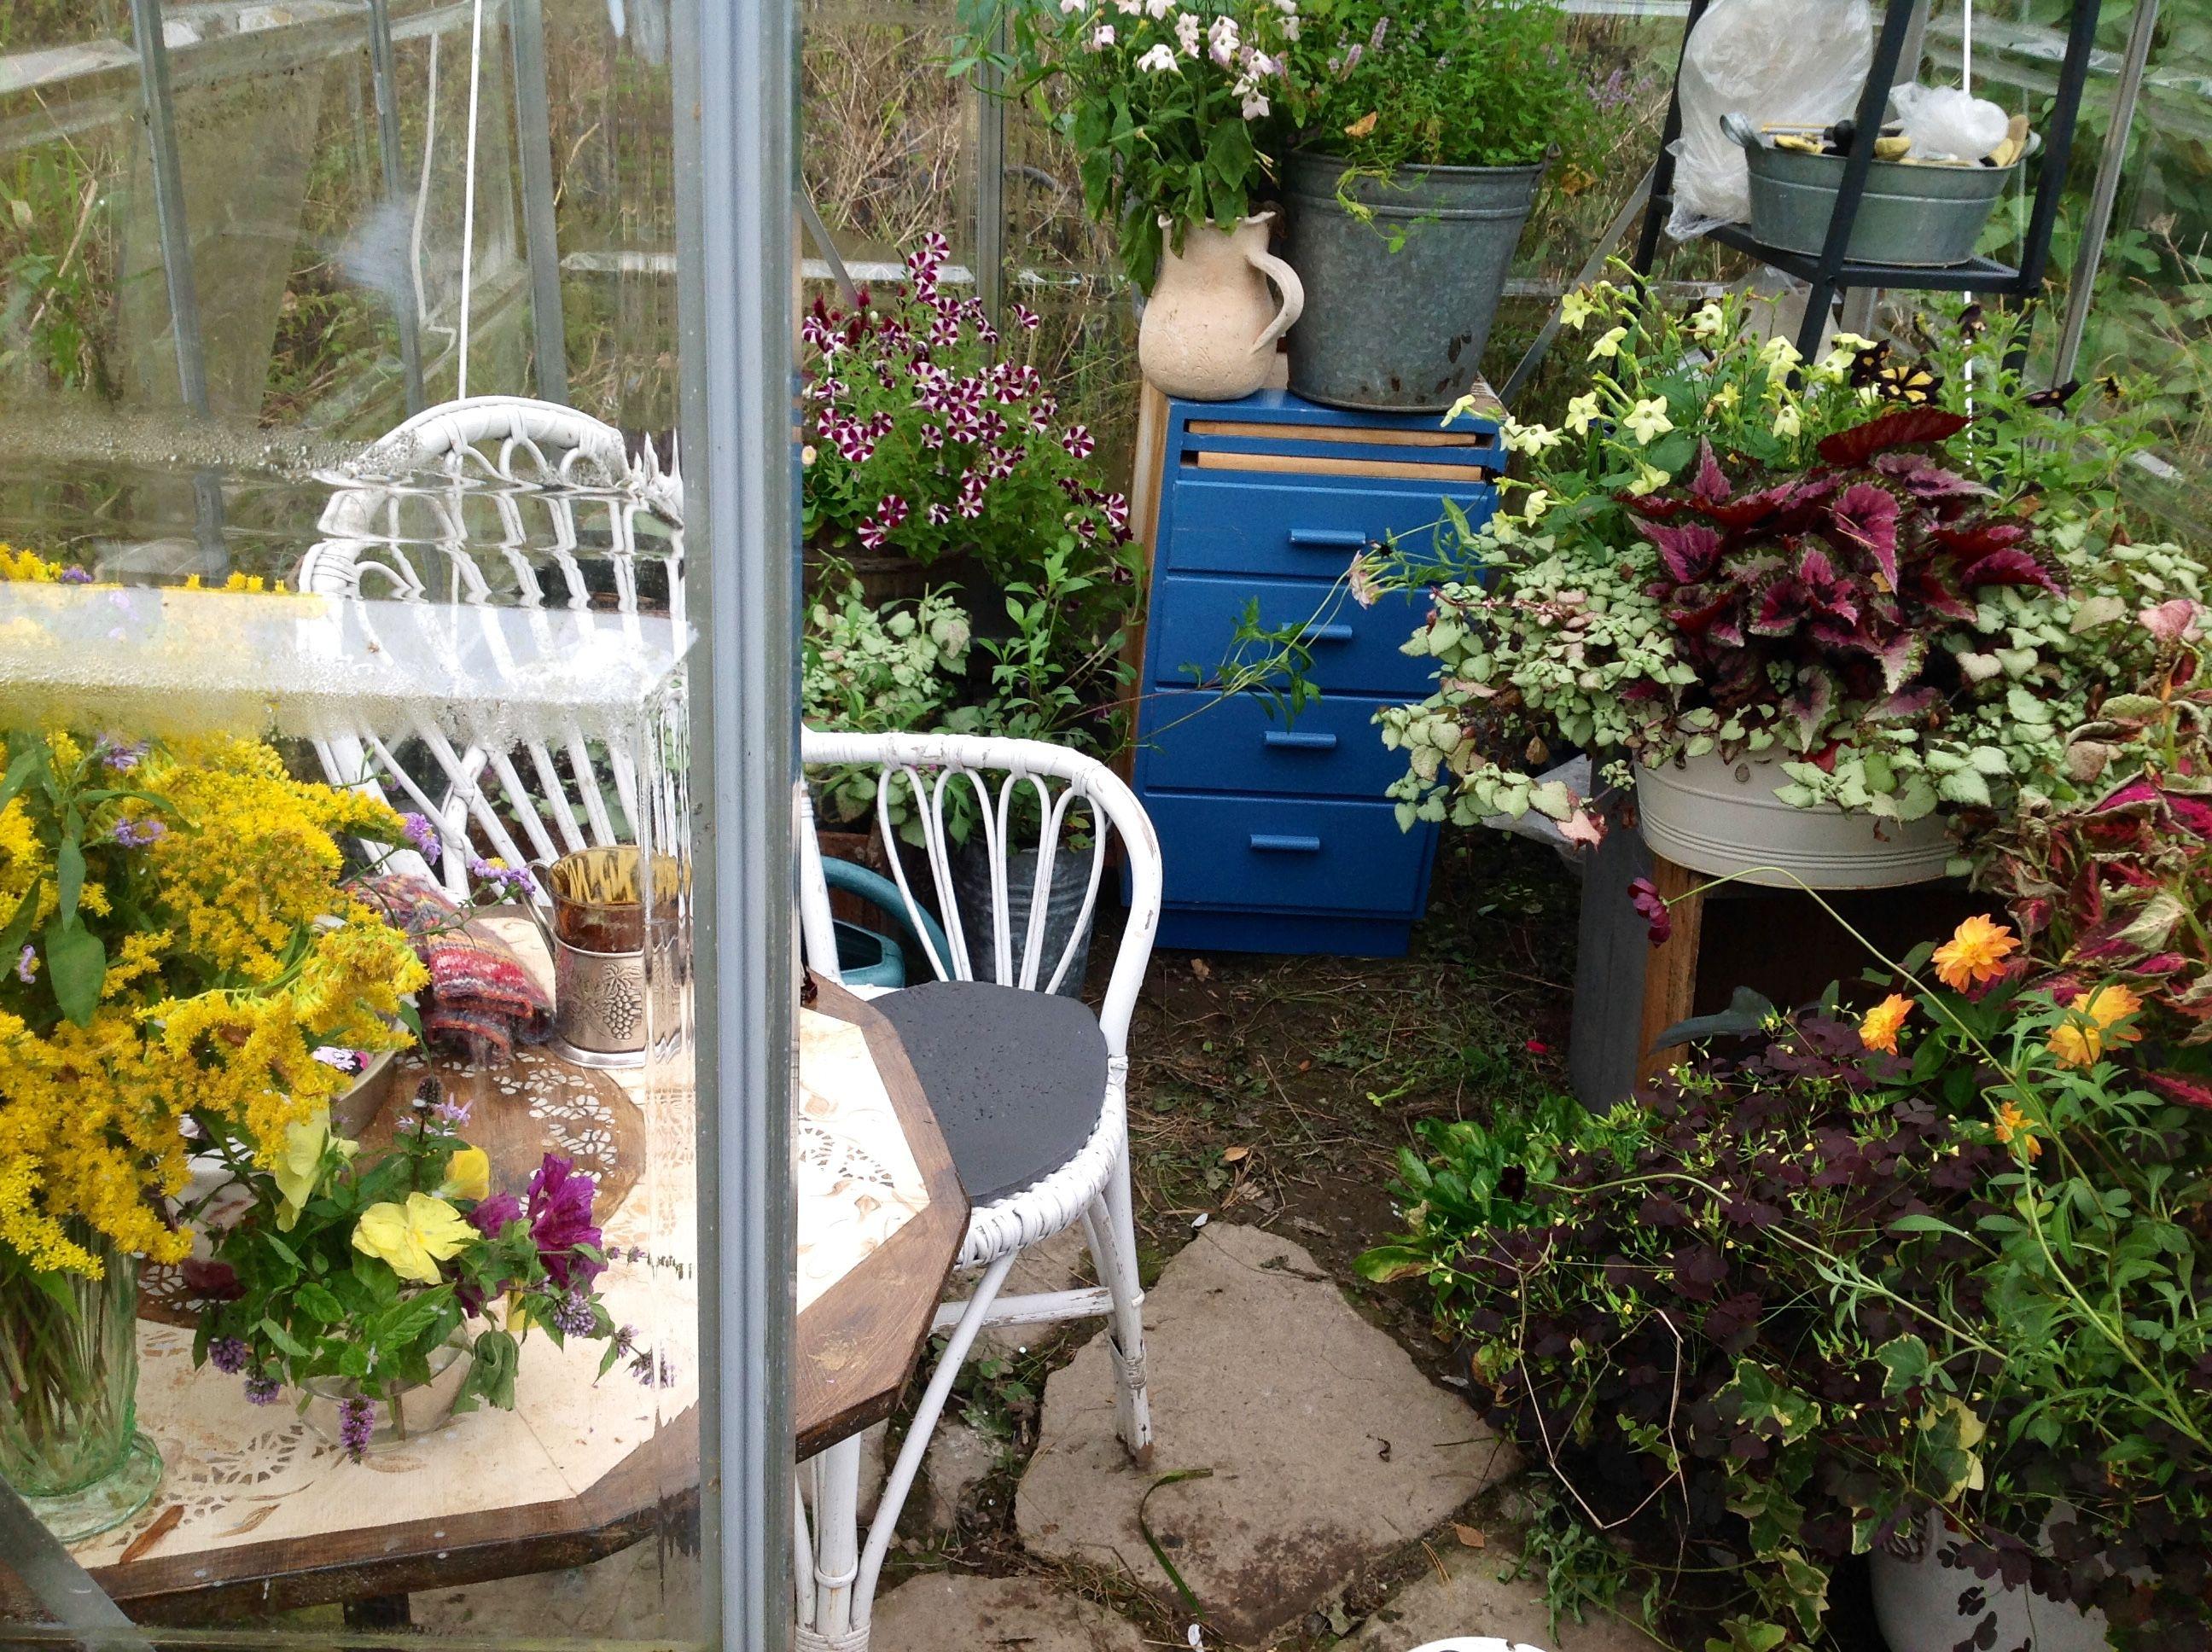 Kesäkukat kasvihuoneessa syksyä paossa - Annuals in pots seeking shelter against Mr. Frost